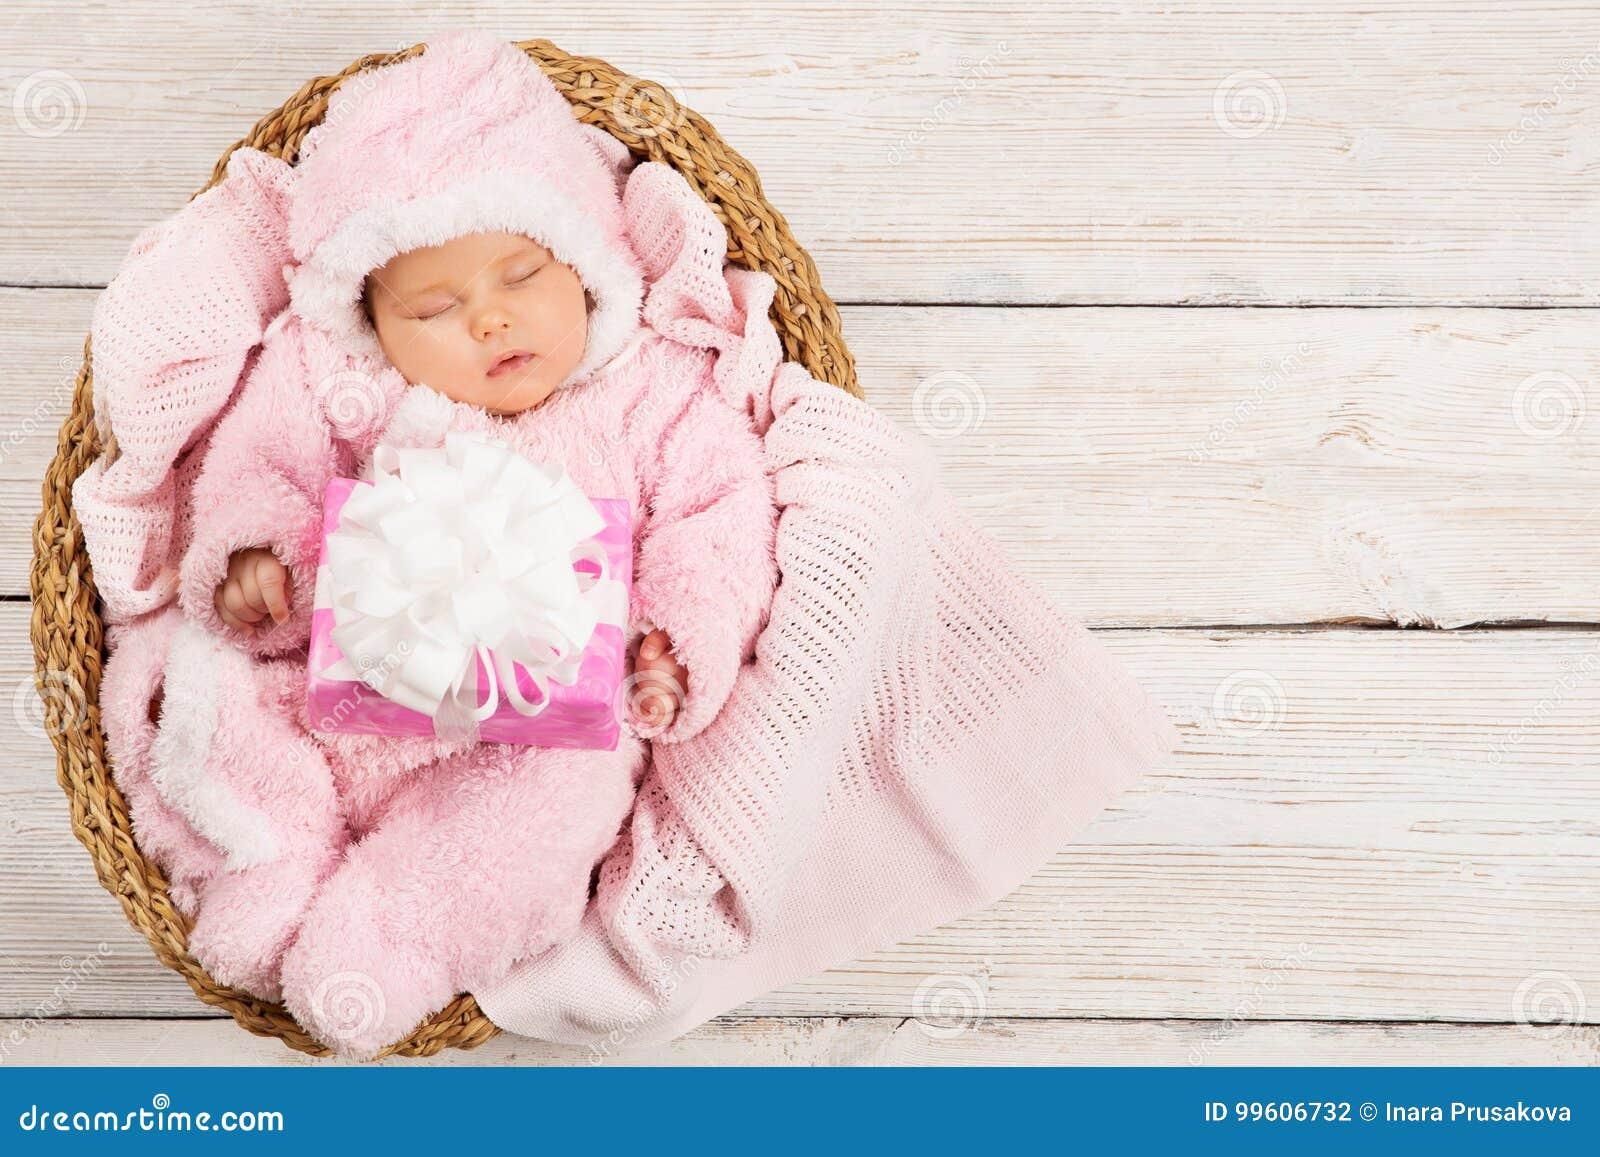 Sueño recién nacido del bebé con la actual caja de regalo, niño durmiente, rosa